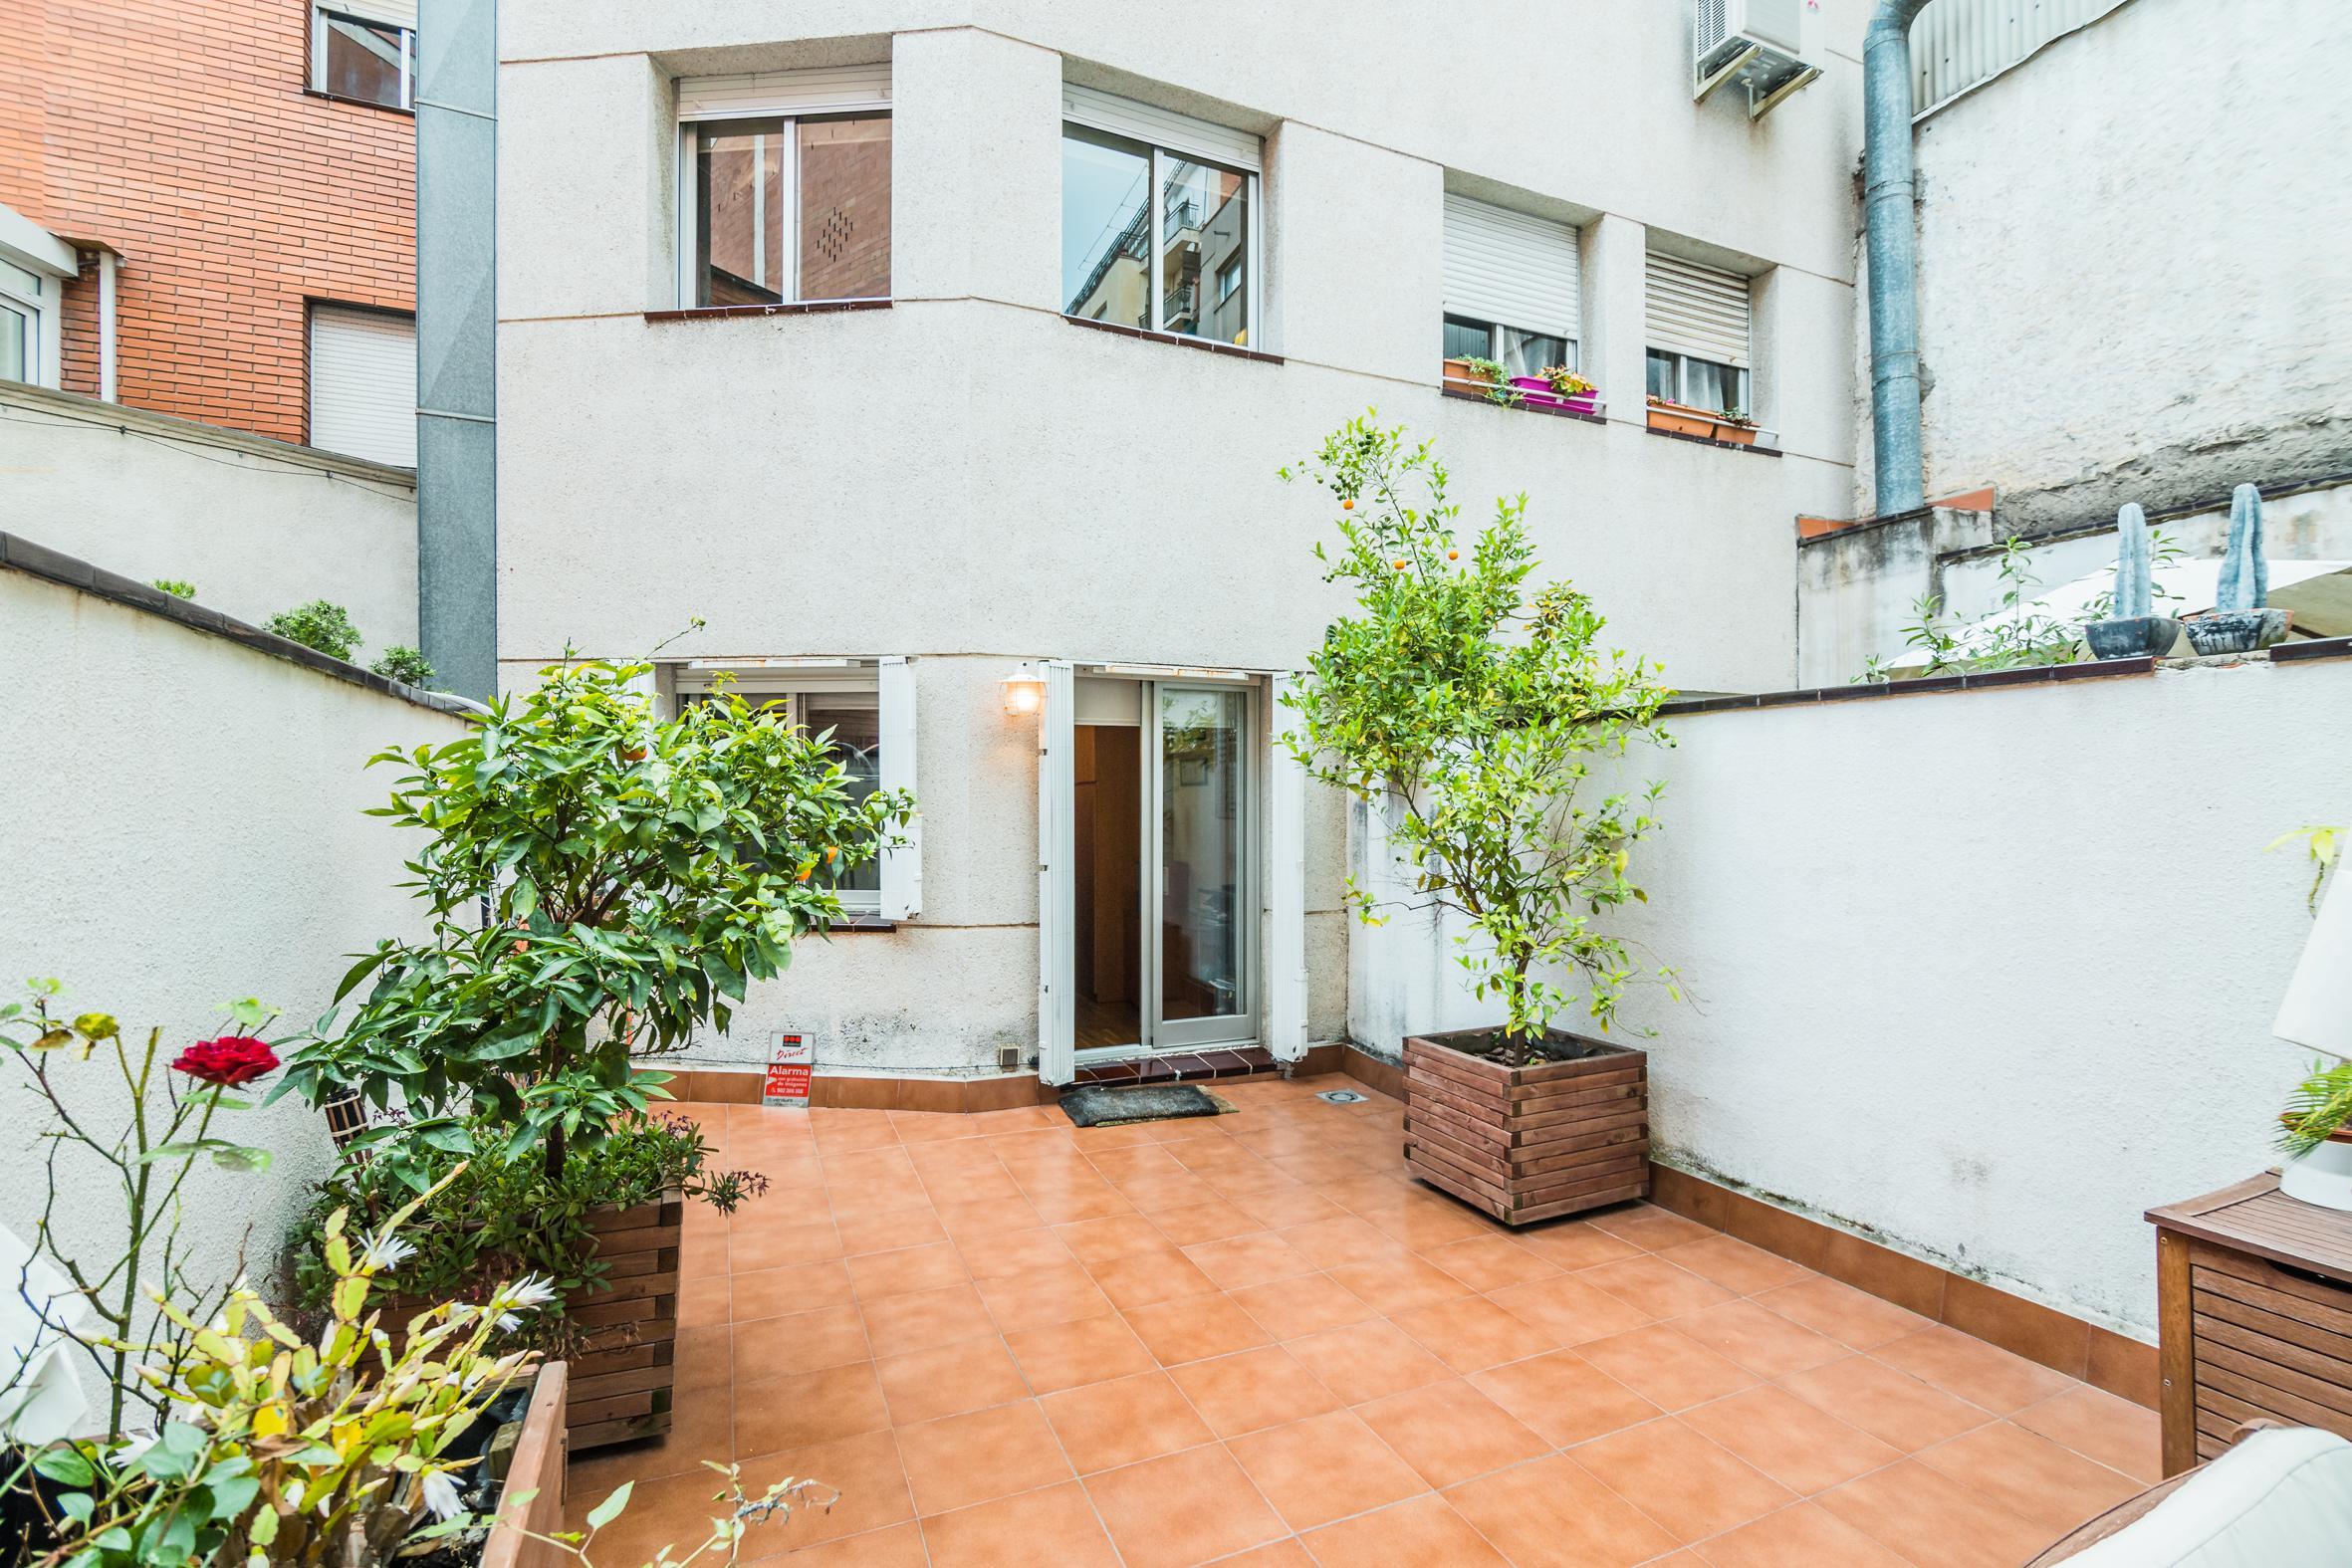 207314 Dúplex en venta en Gràcia, Vallcarca i els Penitents 13